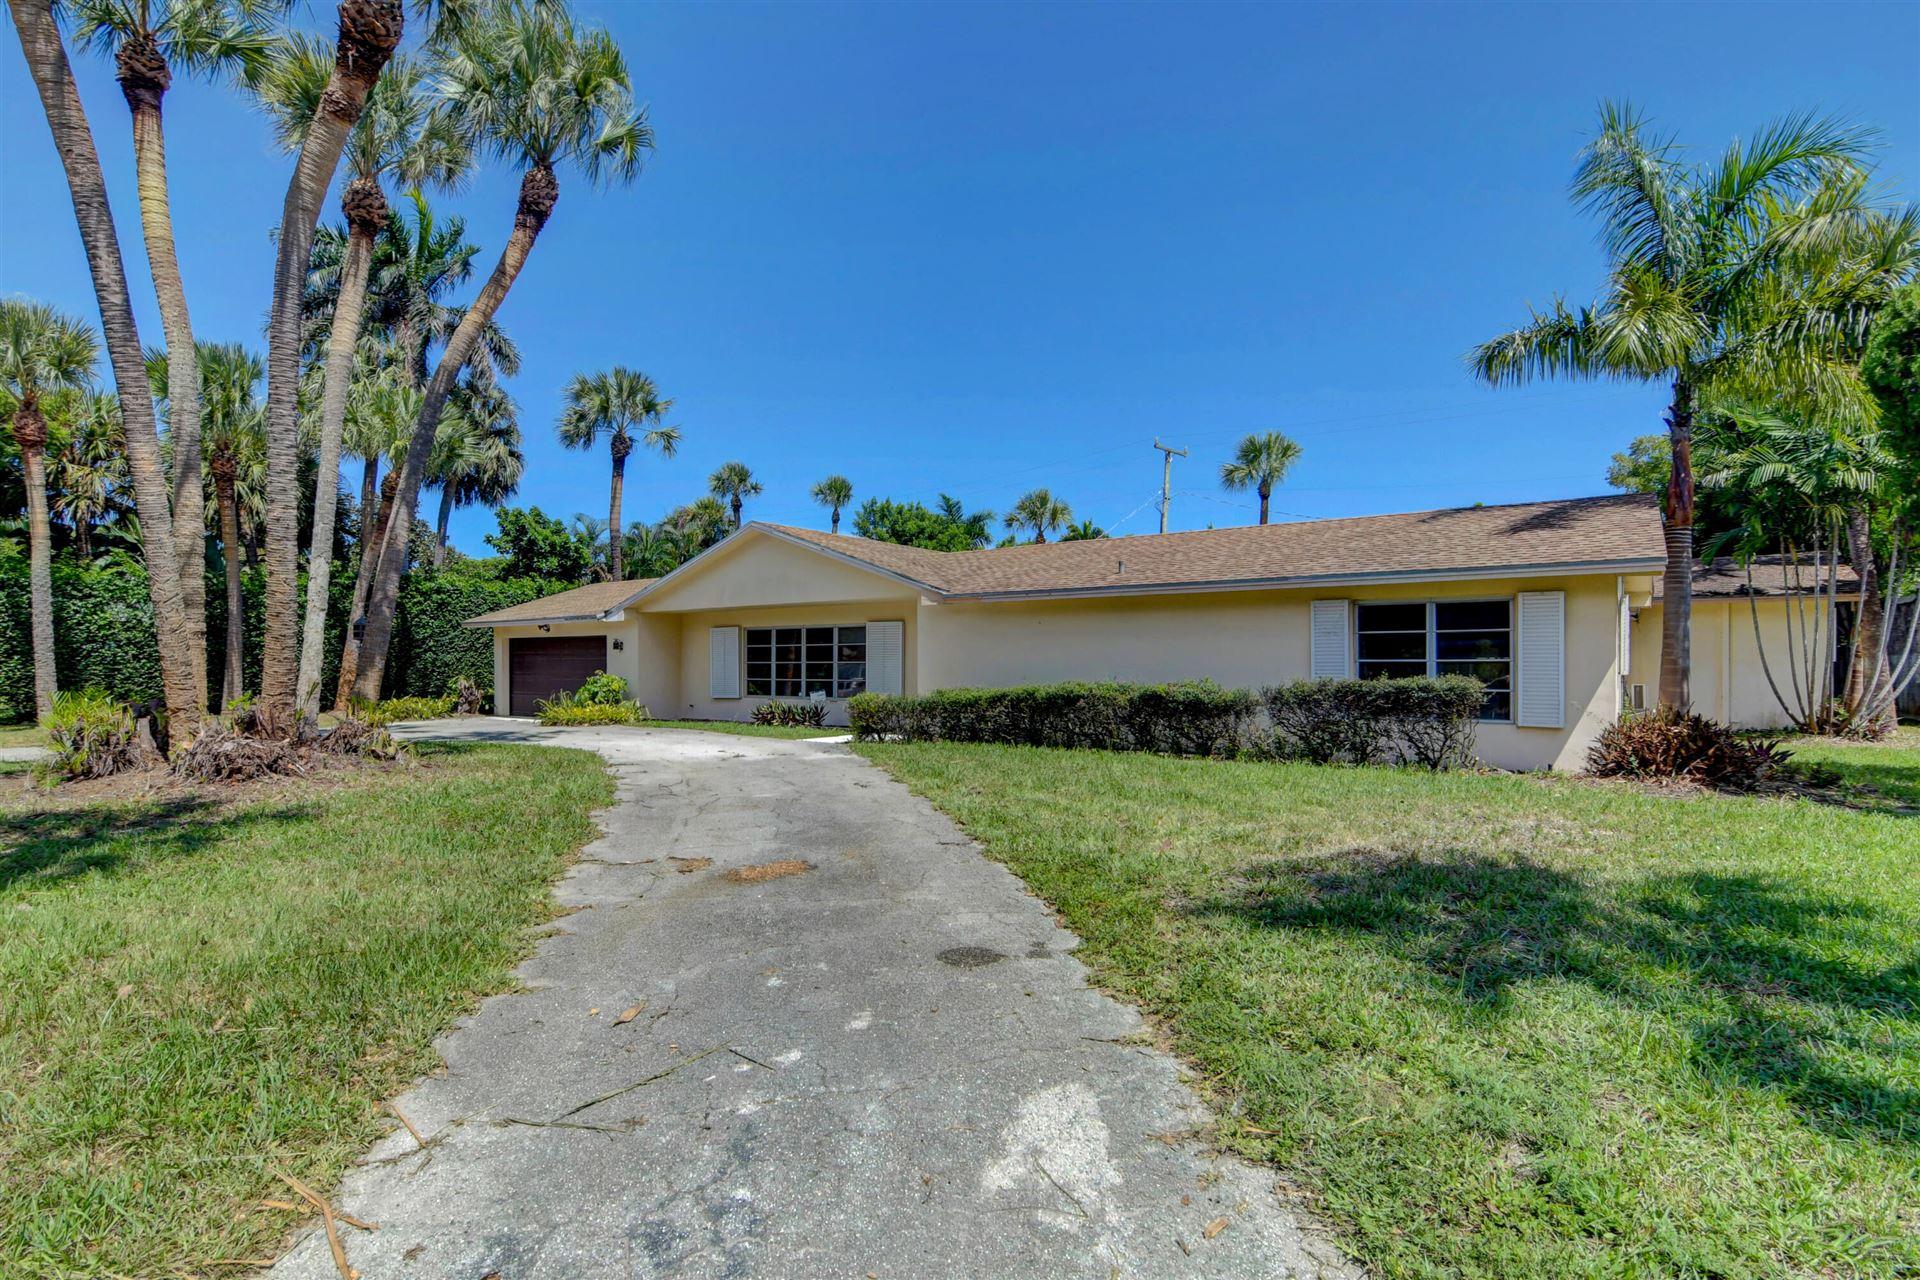 3408 Washington Road, West Palm Beach, FL 33405 - MLS#: RX-10746439